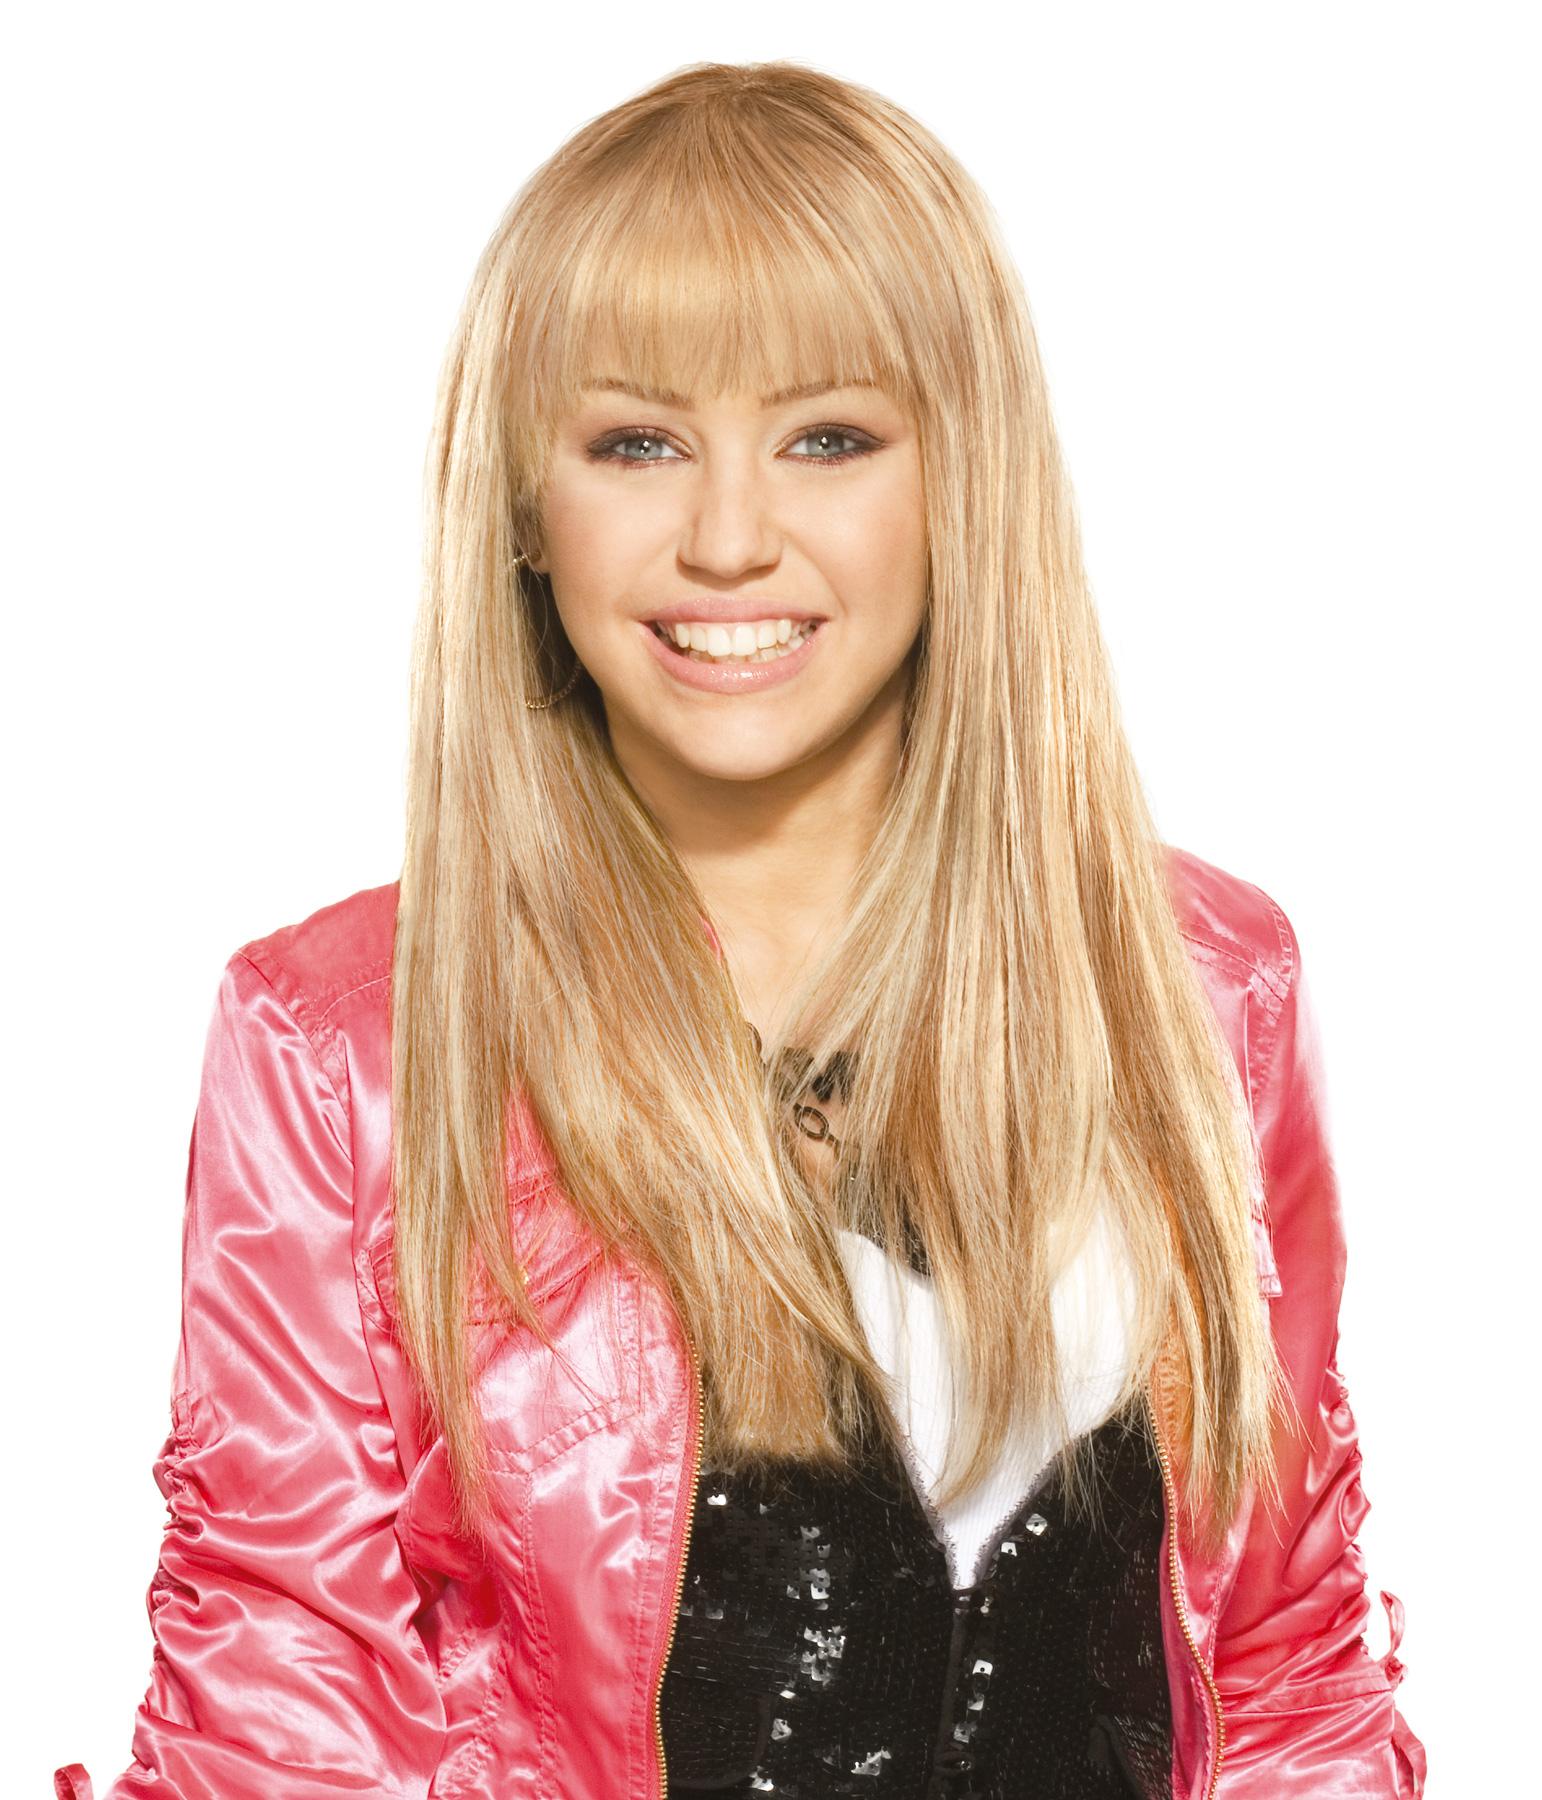 Hannah Montana, Miley Cyrus - Hannah Montana 2: Meet Miley